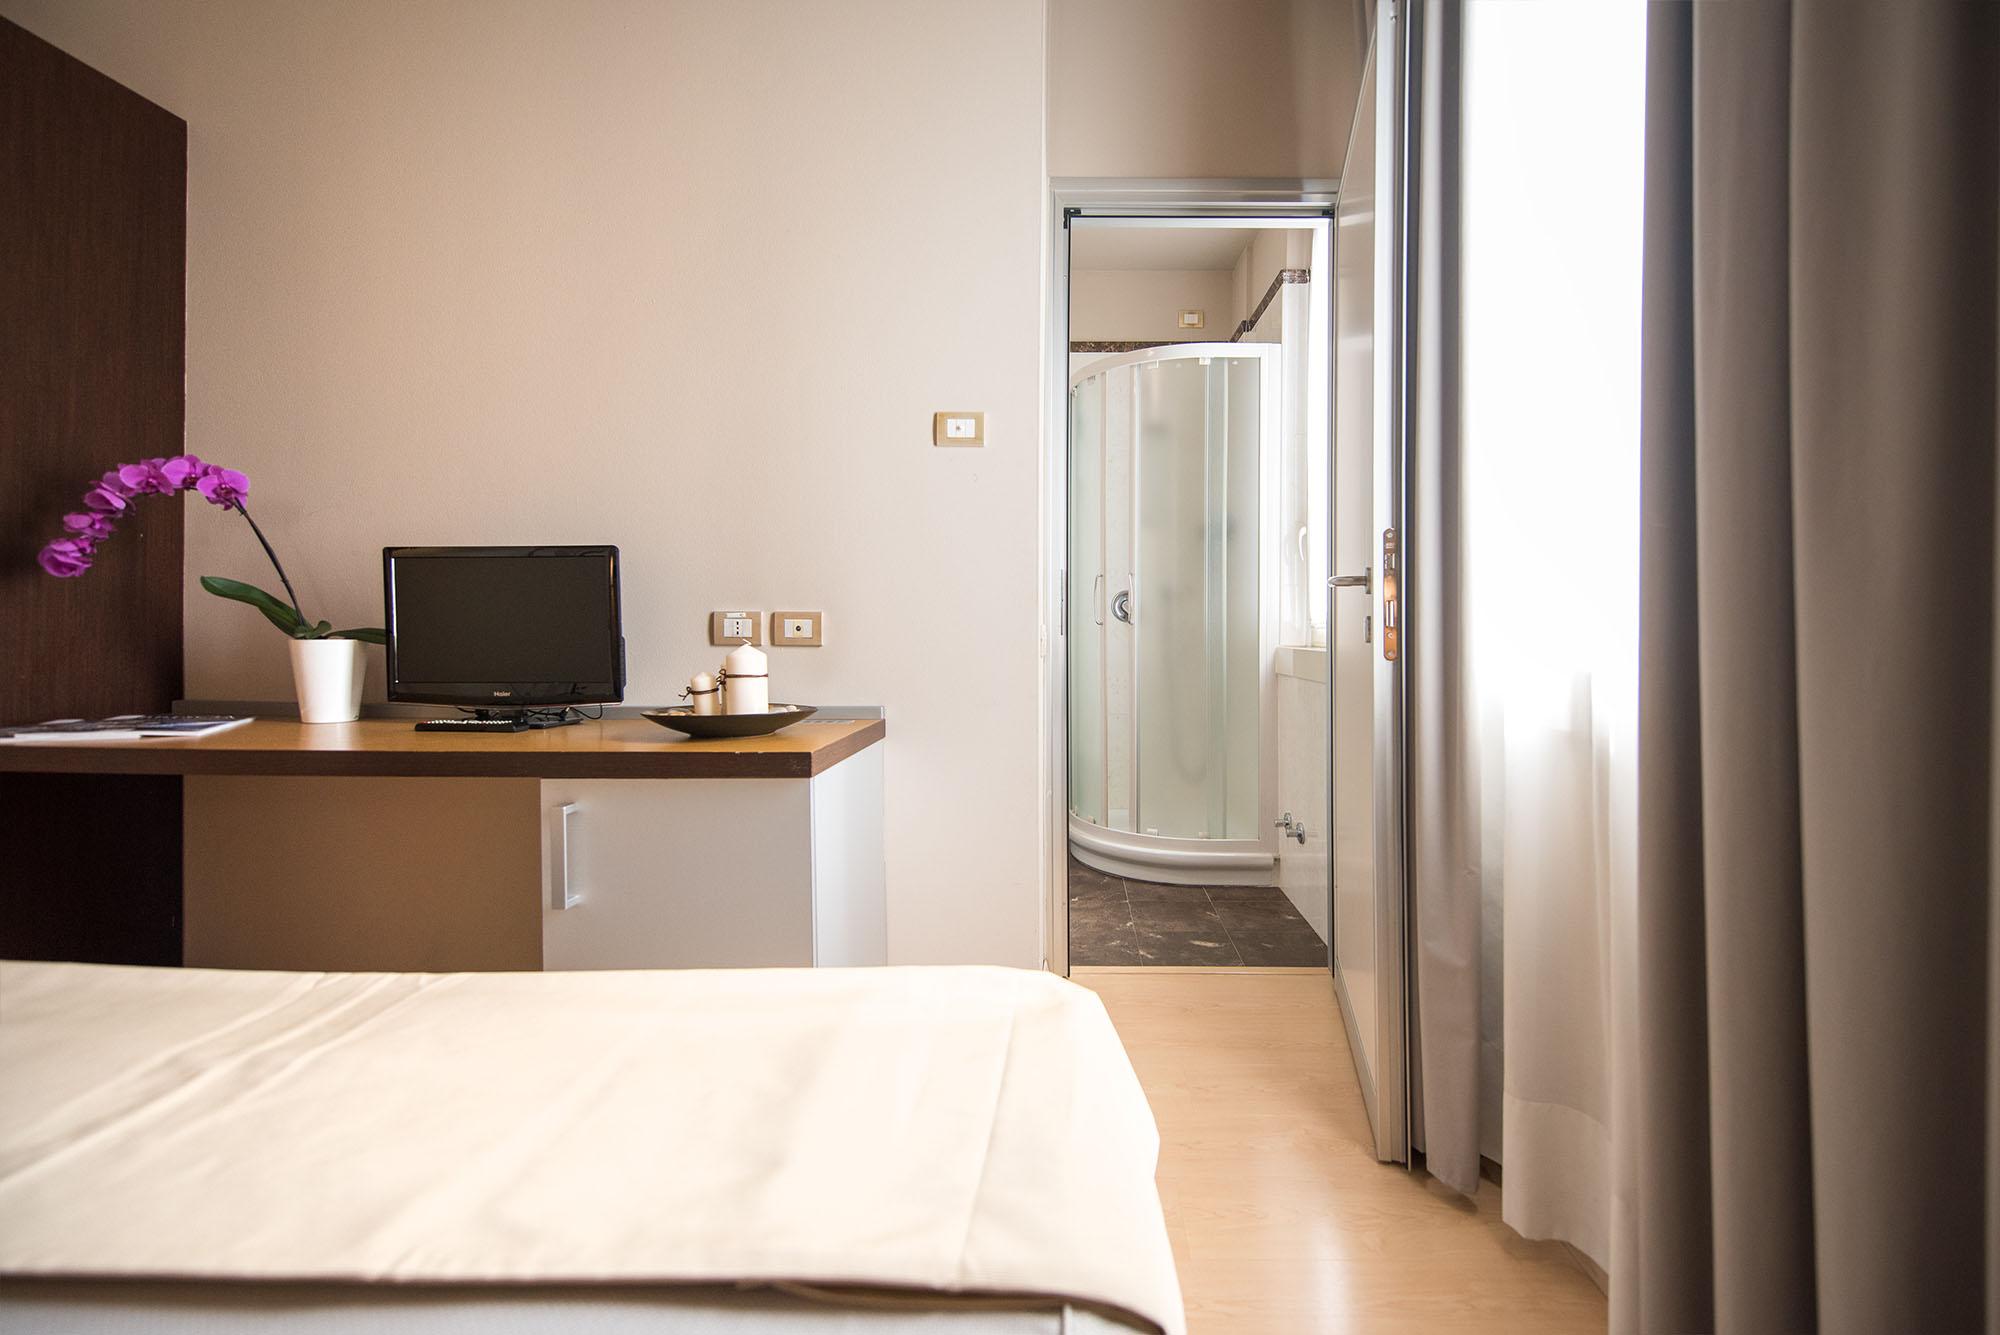 Hotel San Martino camera doppia comunicante 132 (7)